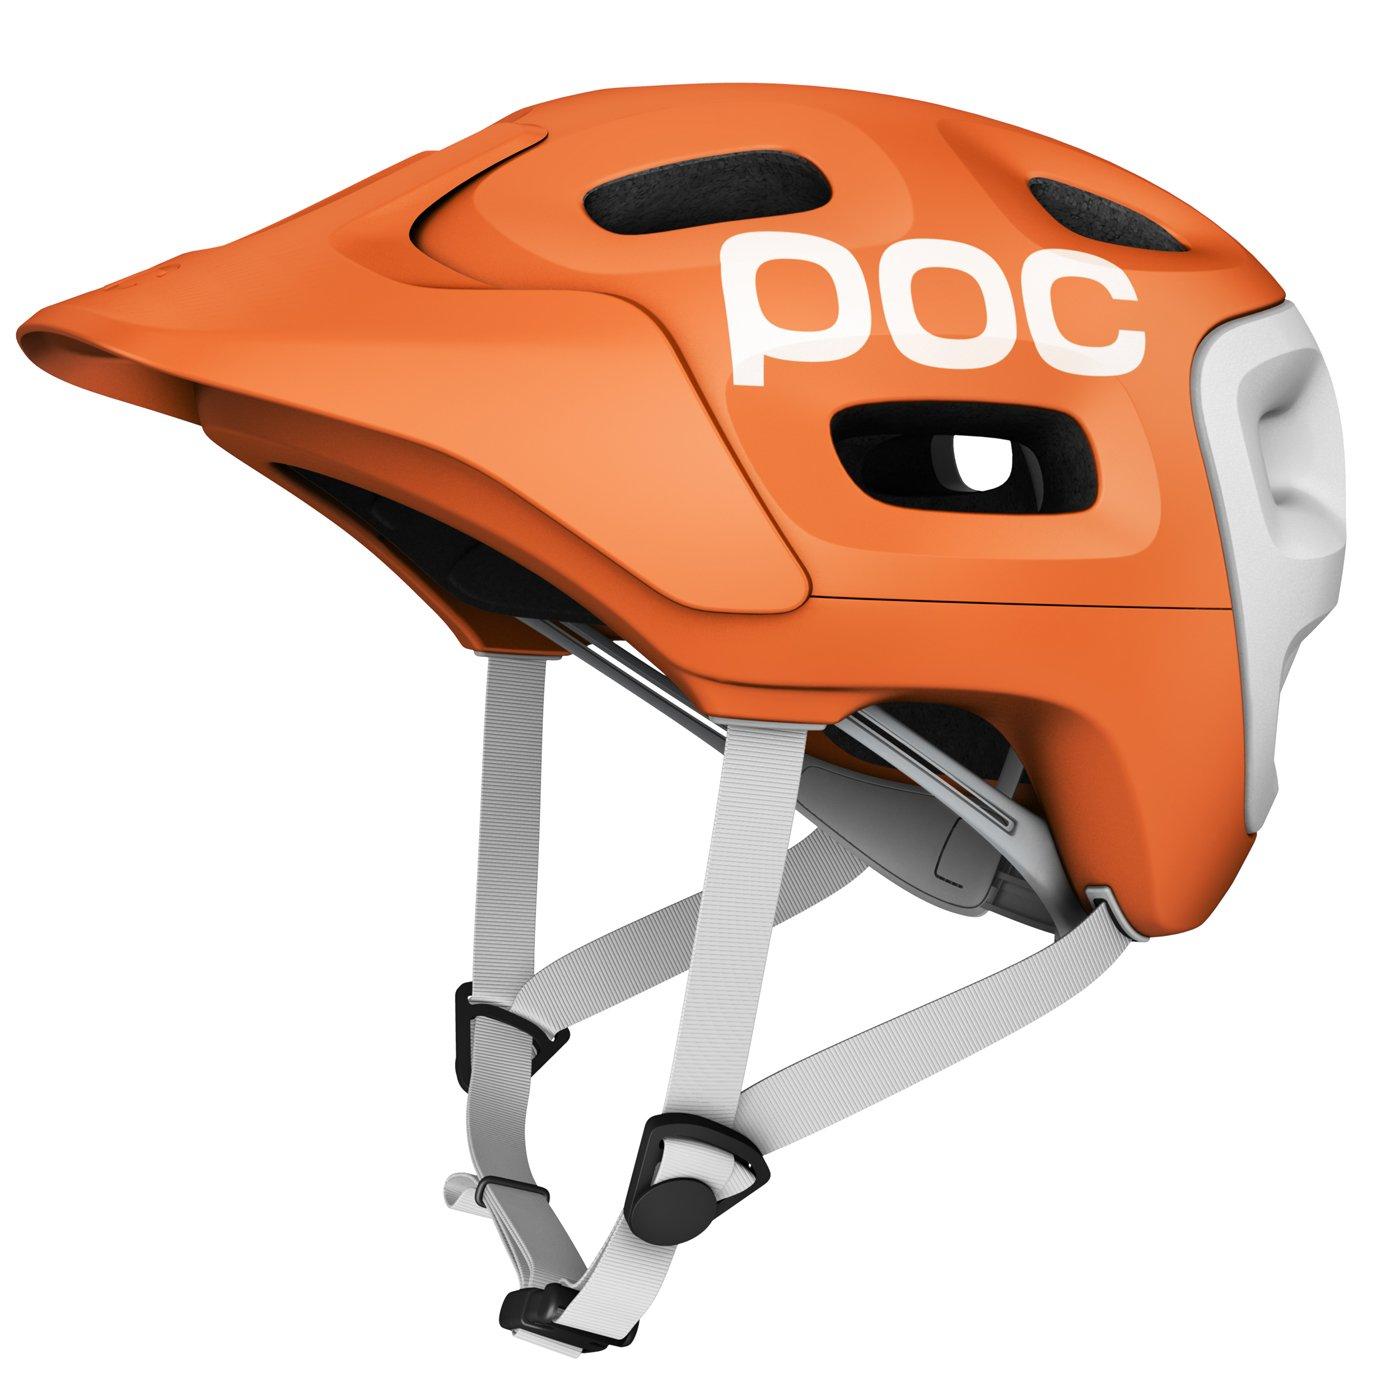 POC 10500_157 Trabec Race Casque de vélo pour homme Orange/Blanc 55-58